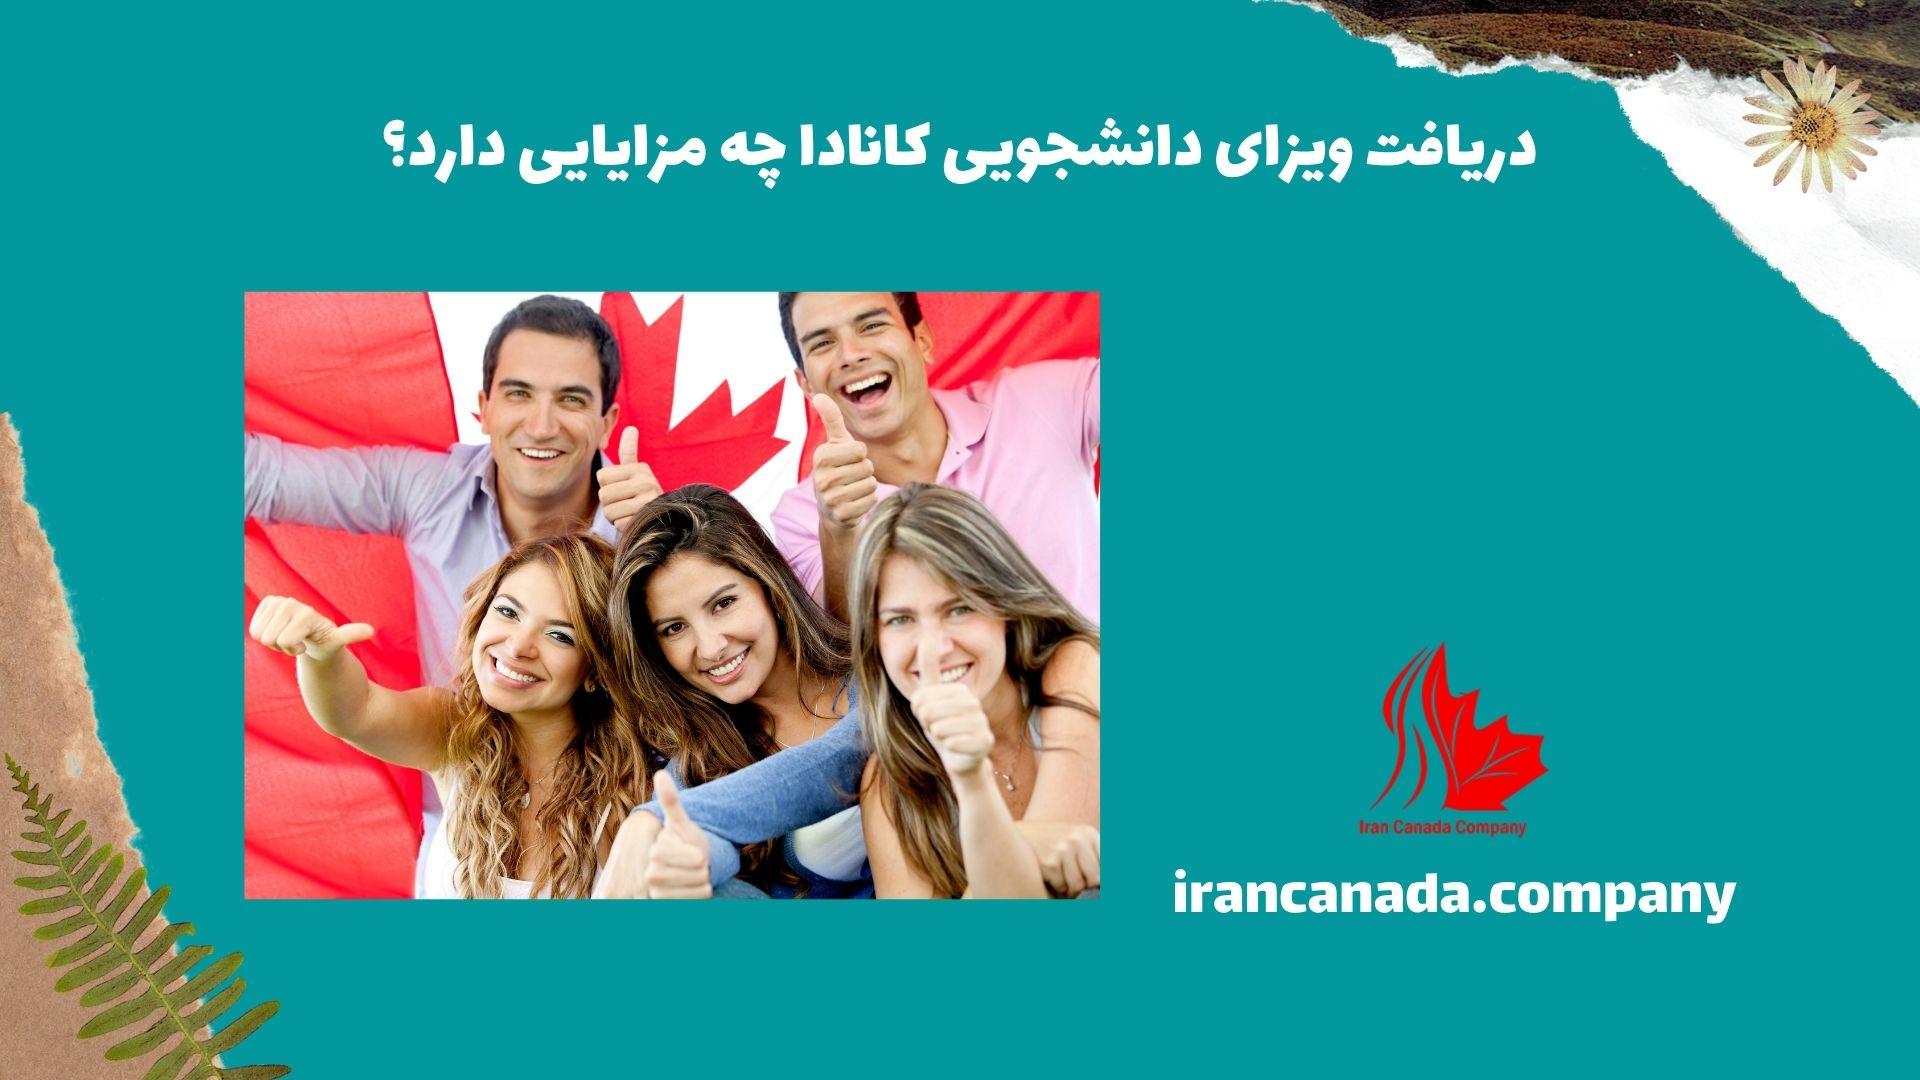 دریافت ویزای دانشجویی کانادا چه مزایایی دارد؟